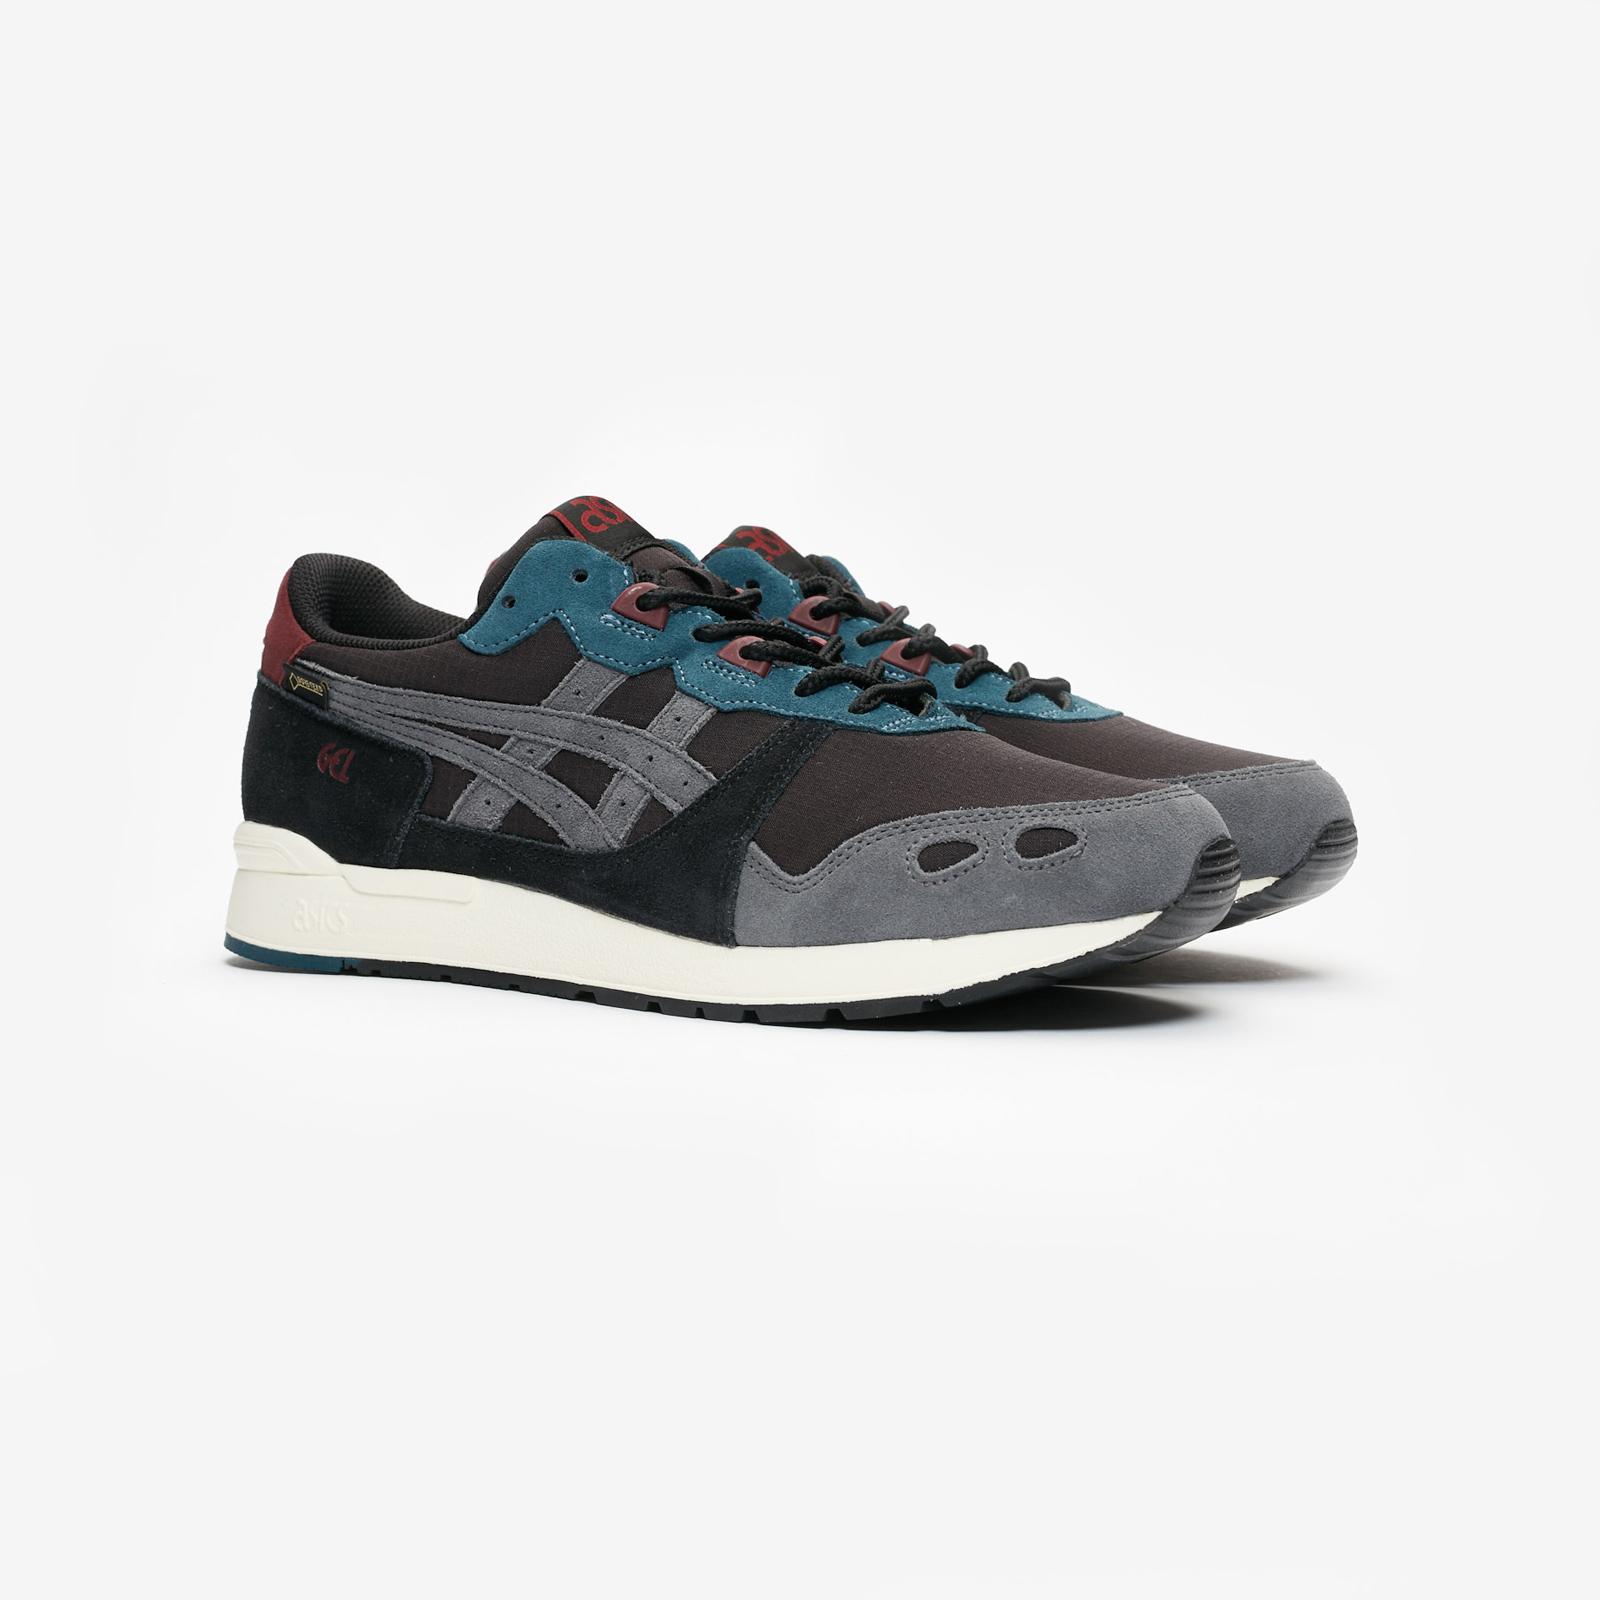 ASICS SportStyle Gel-Lyte G-TX - 1193a038-001 - Sneakersnstuff ...